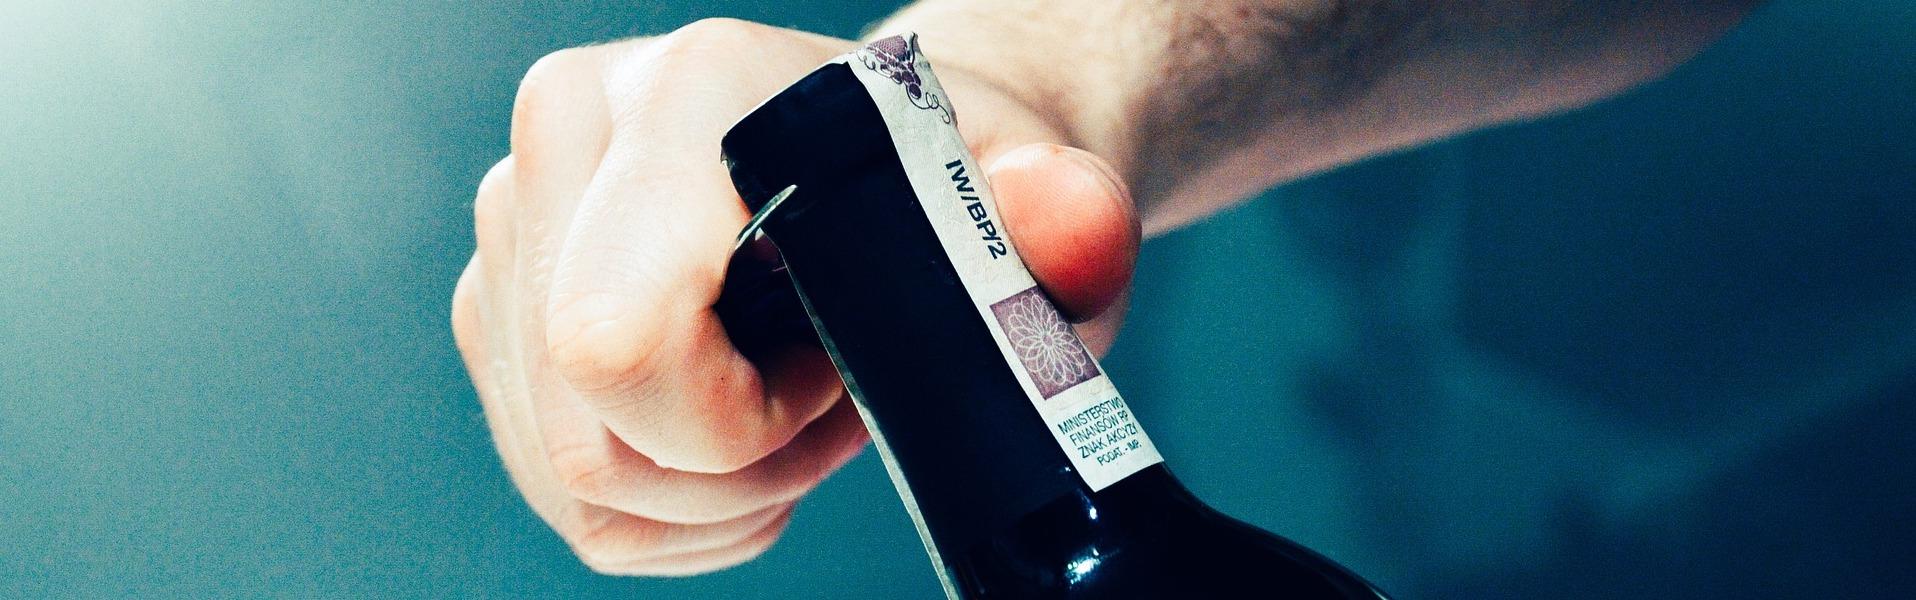 imbottigliamento vino con utilizzo vapore